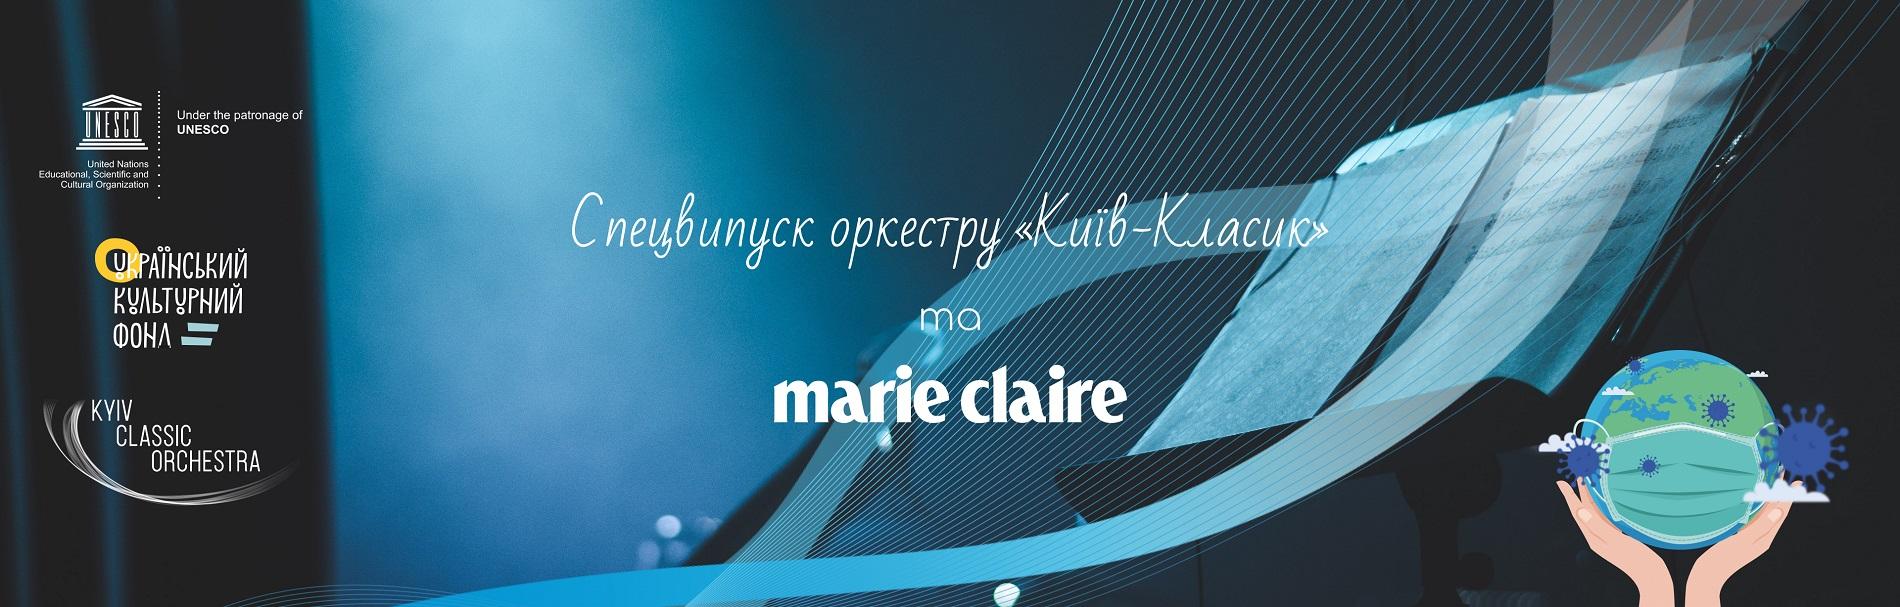 16 вересня в Україні відбудеться світова прем'єра проєкту «Музична подяка лікарям (за підтримки ВООЗ та ЮНЕСКО)»-Фото 1